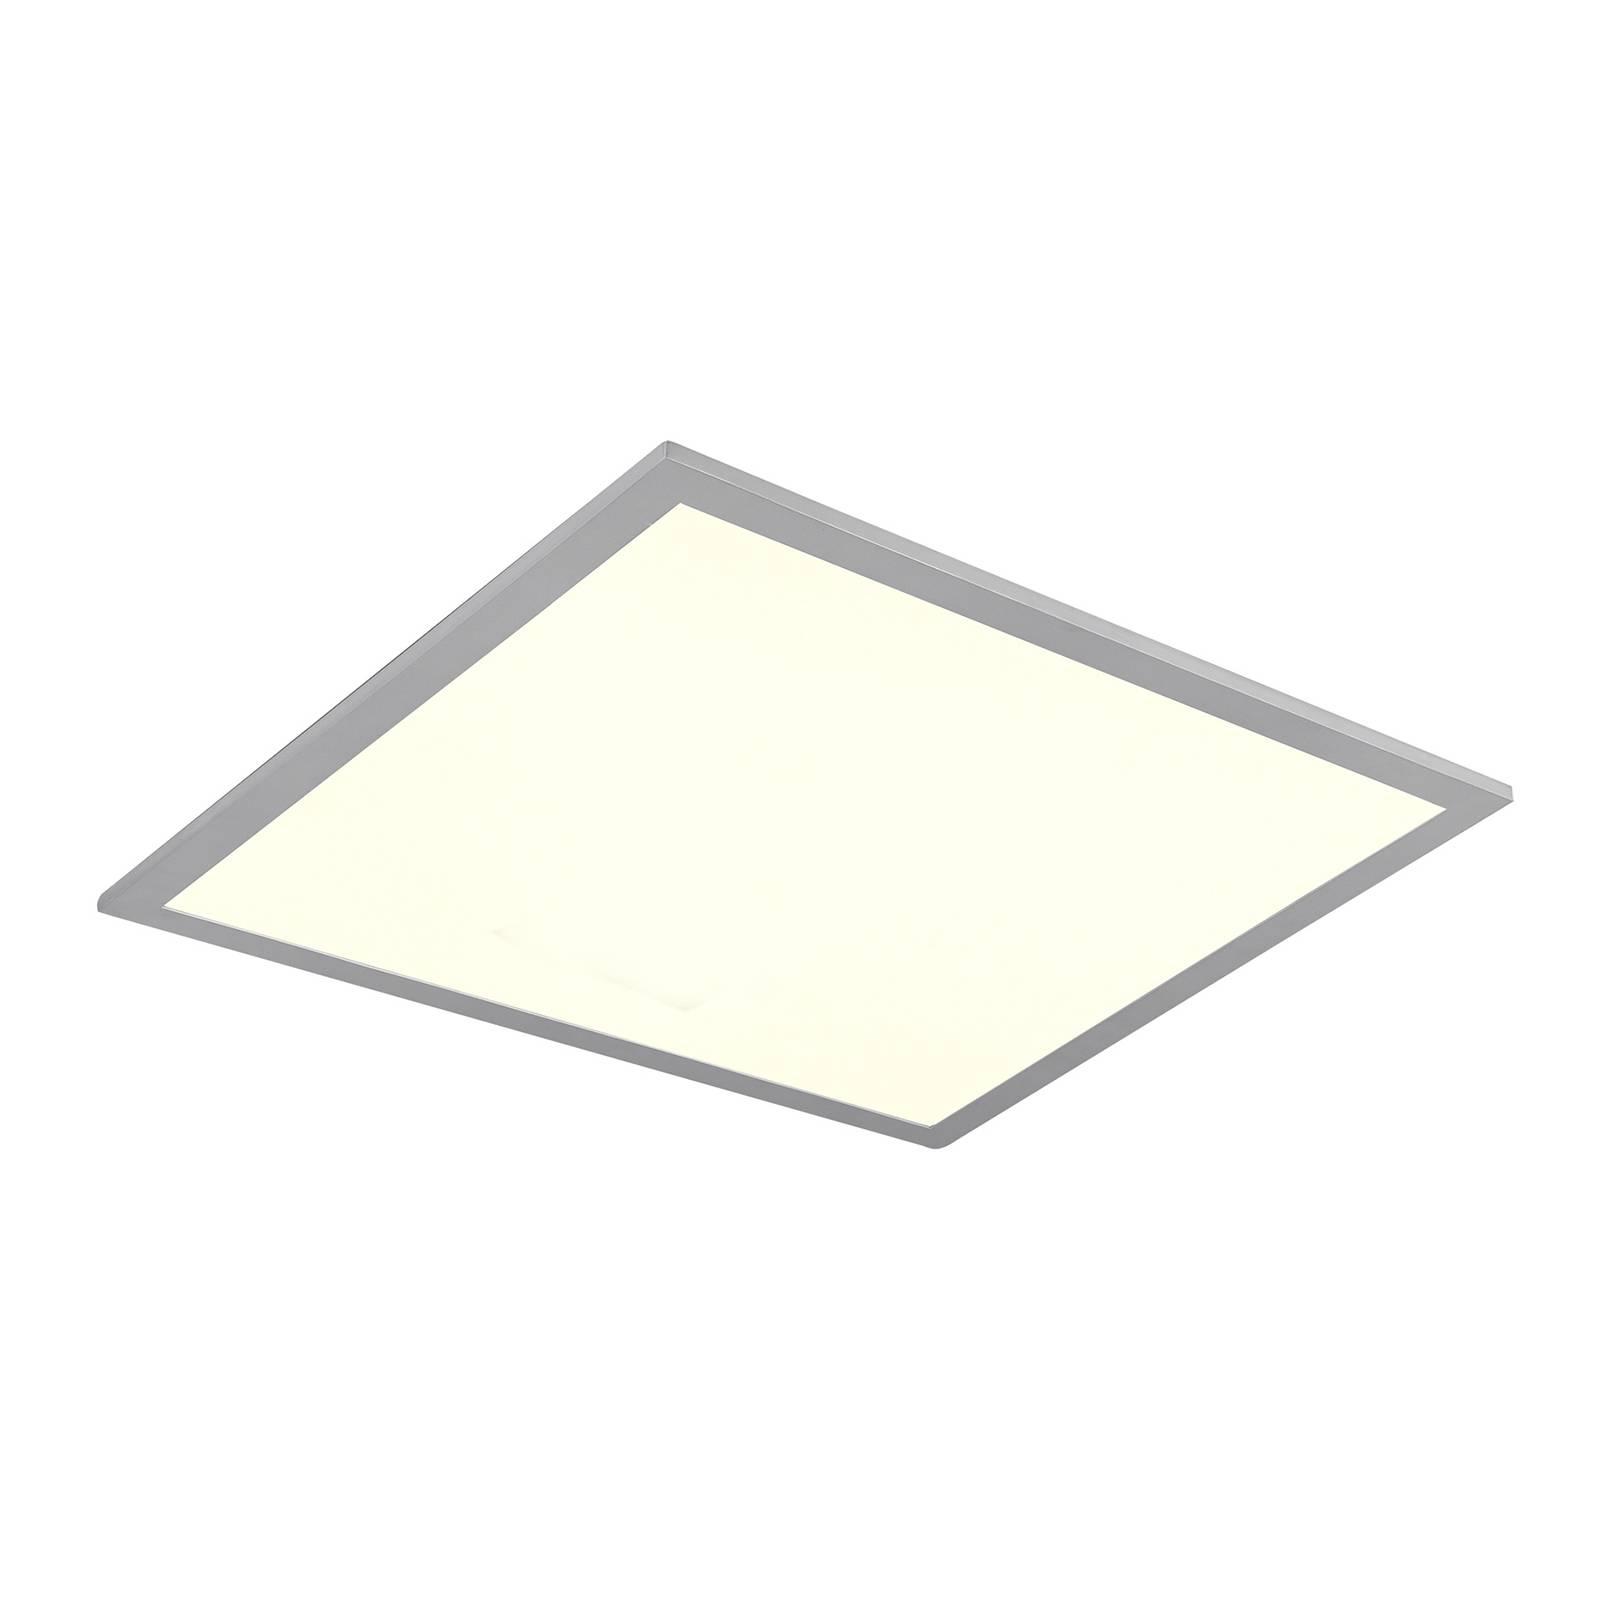 LED-Deckenleuchte Alima, CCT, WiZ, 49,5 x 49,5 cm